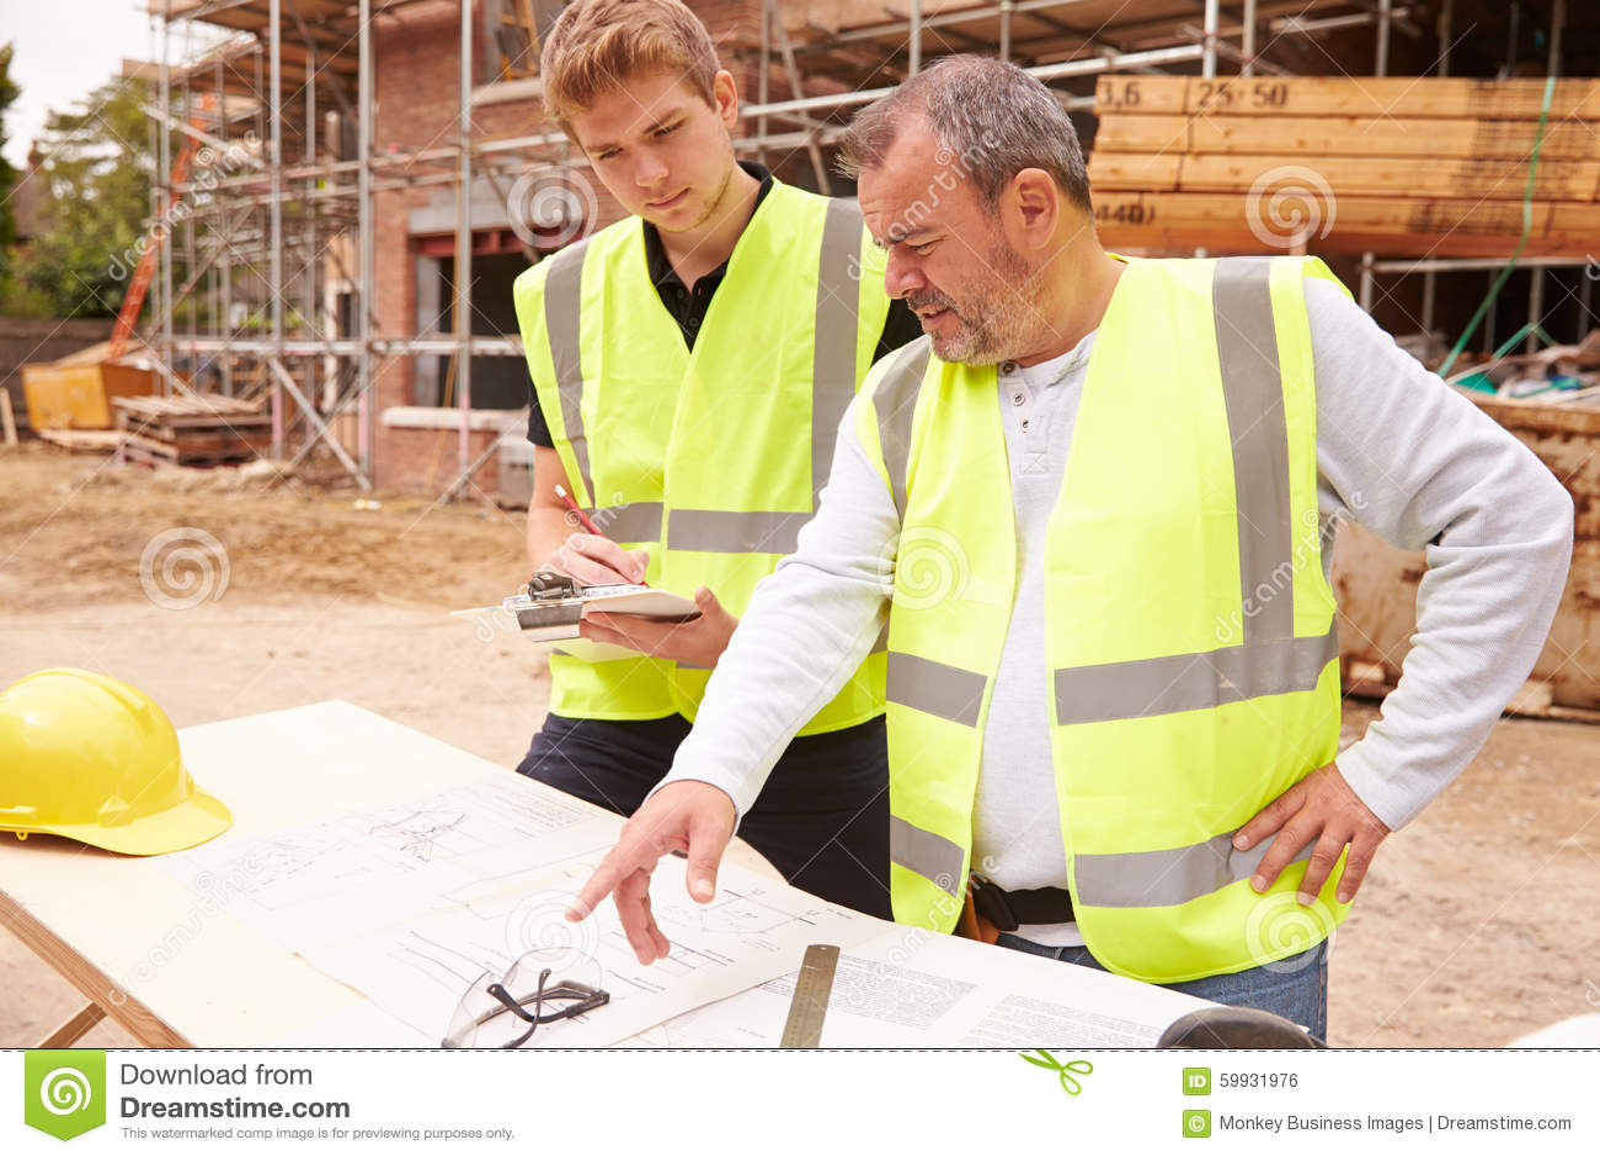 Constructeur on building site discutant le travail avec l for Site constructeur